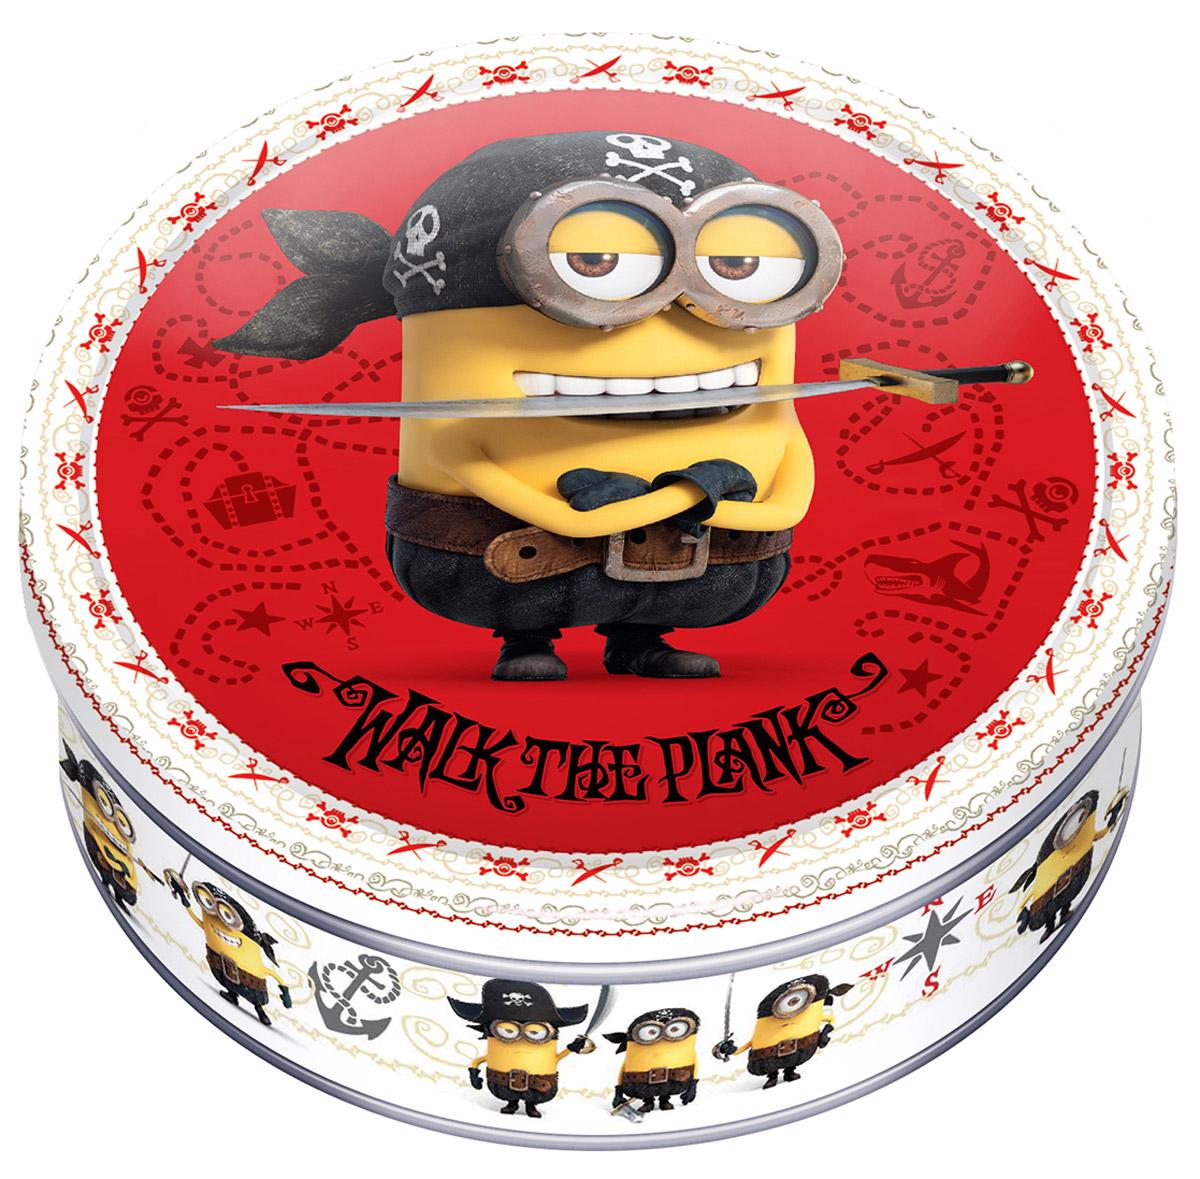 Minions печенье сдобное с кусочками шоколада, 150 г 4600416016891_красный фон